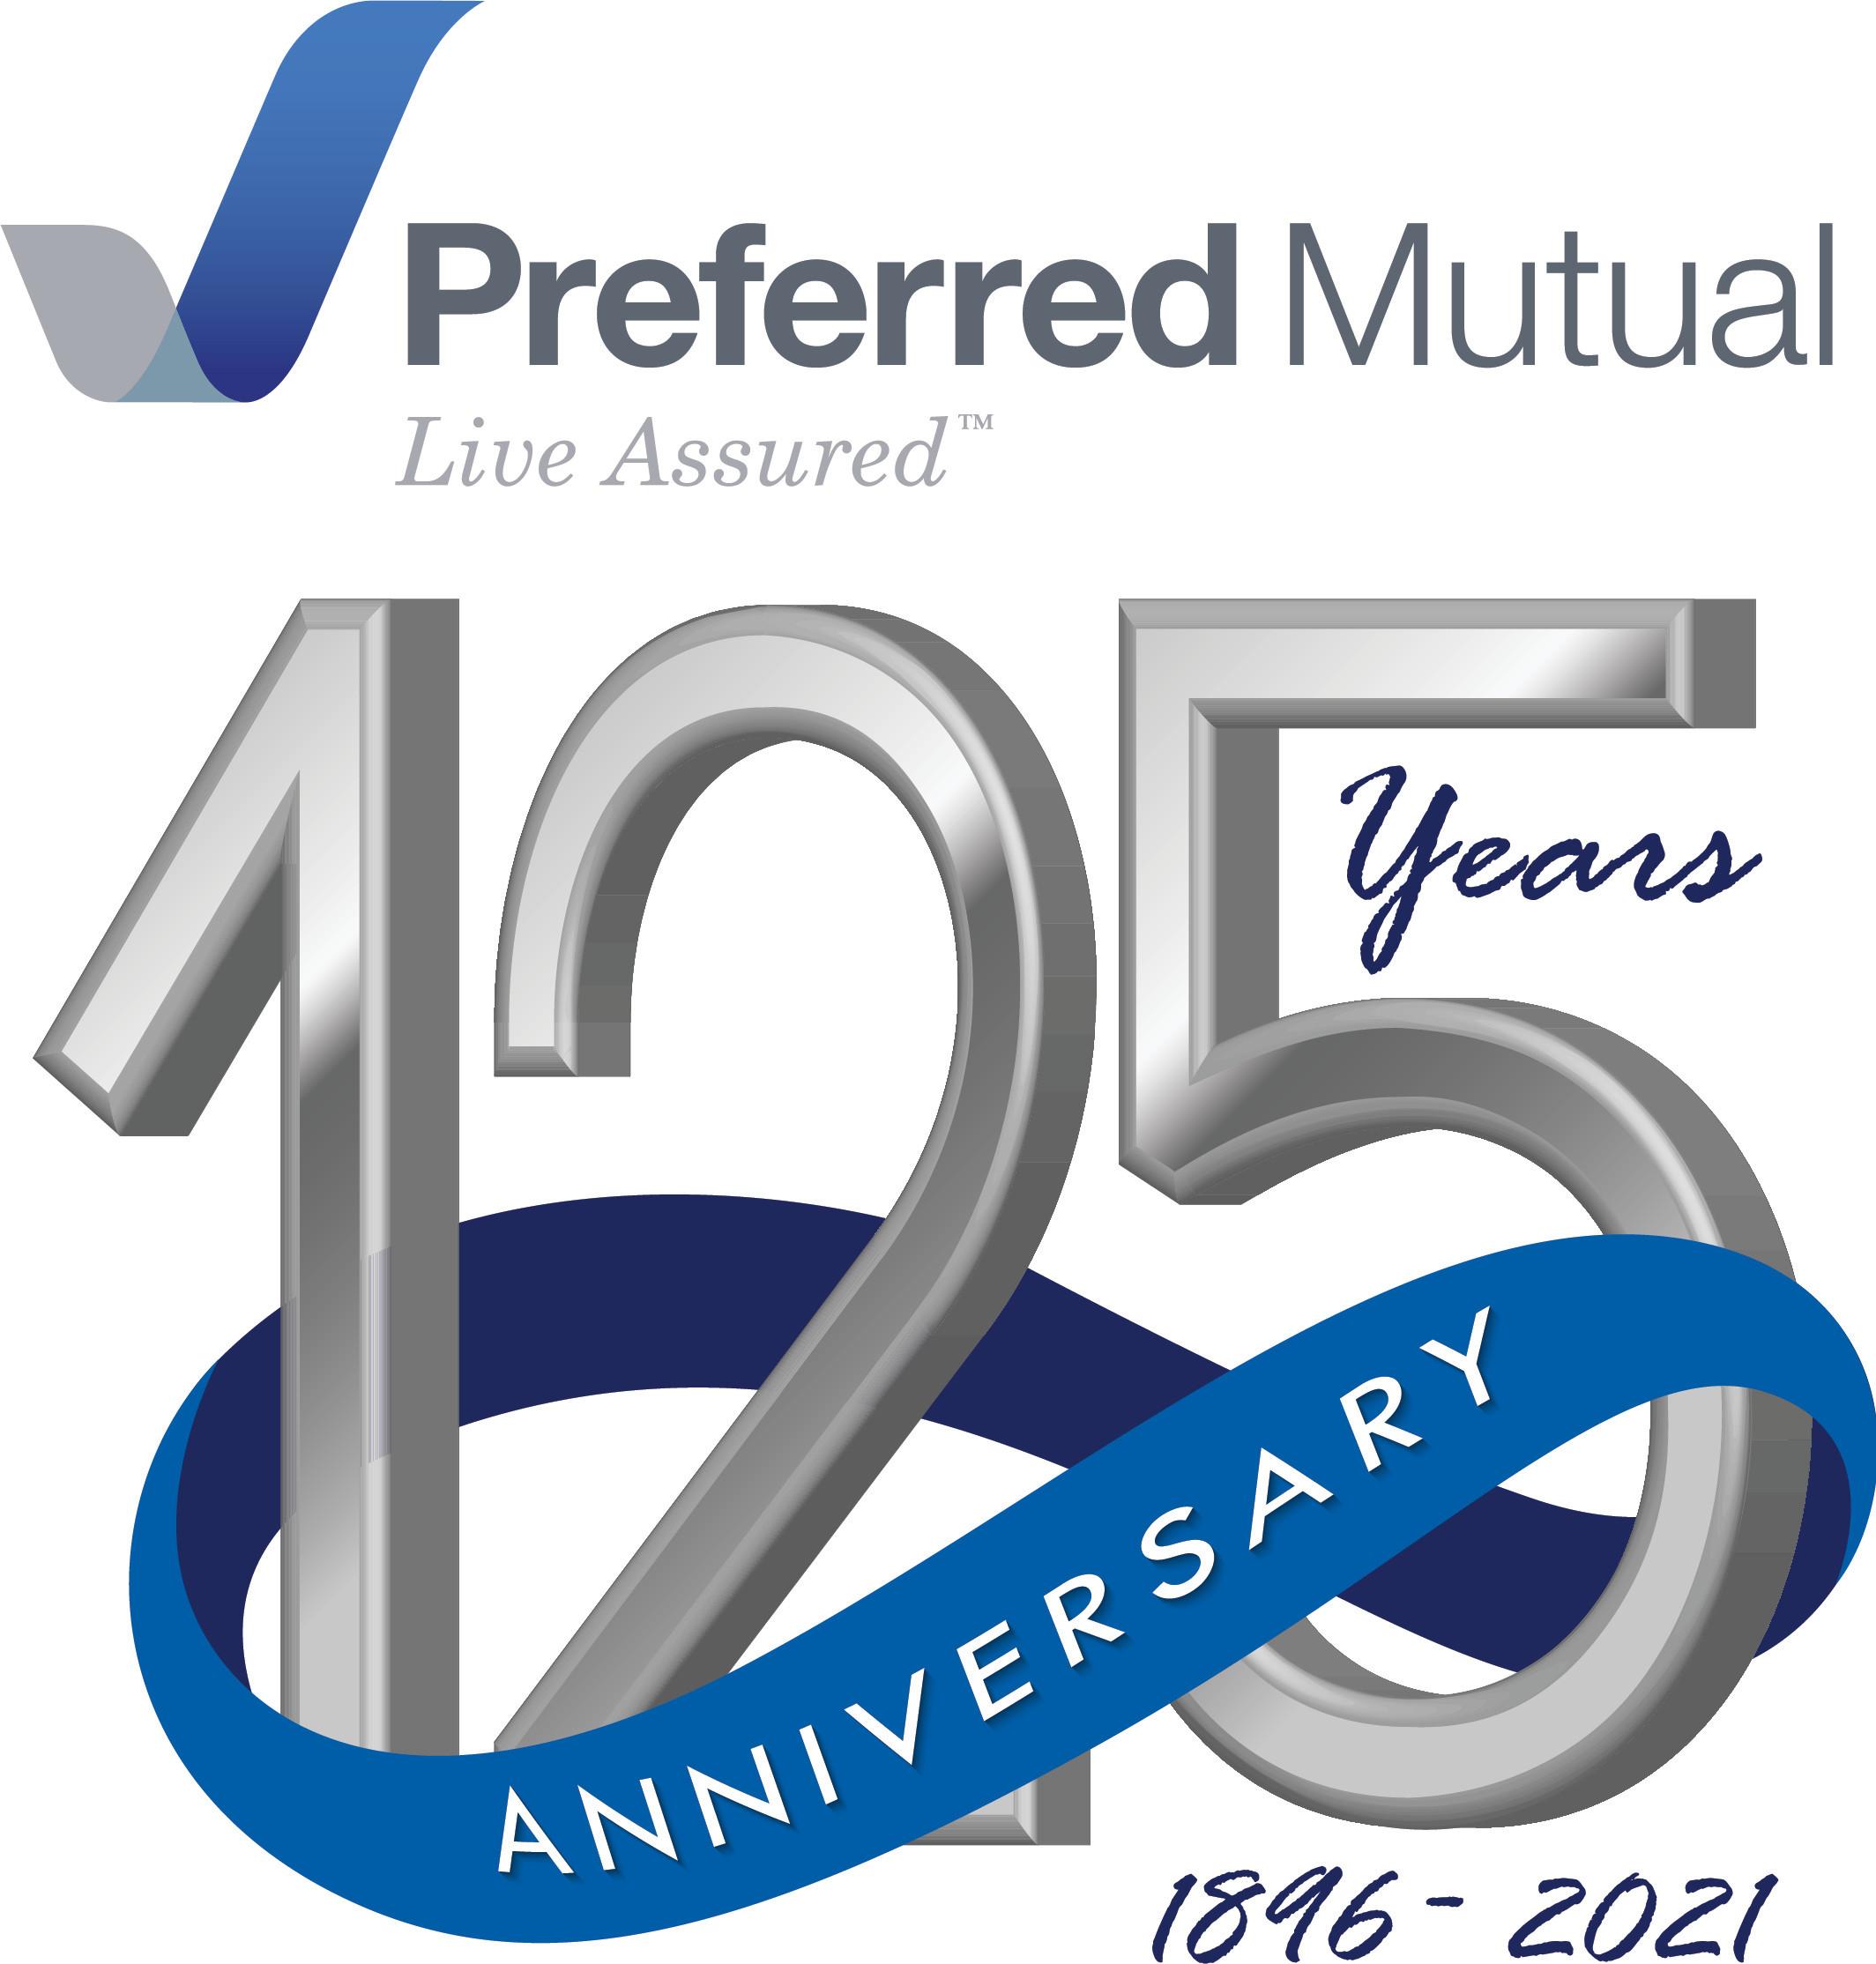 Preferred Mutual 125th Anniversary logo